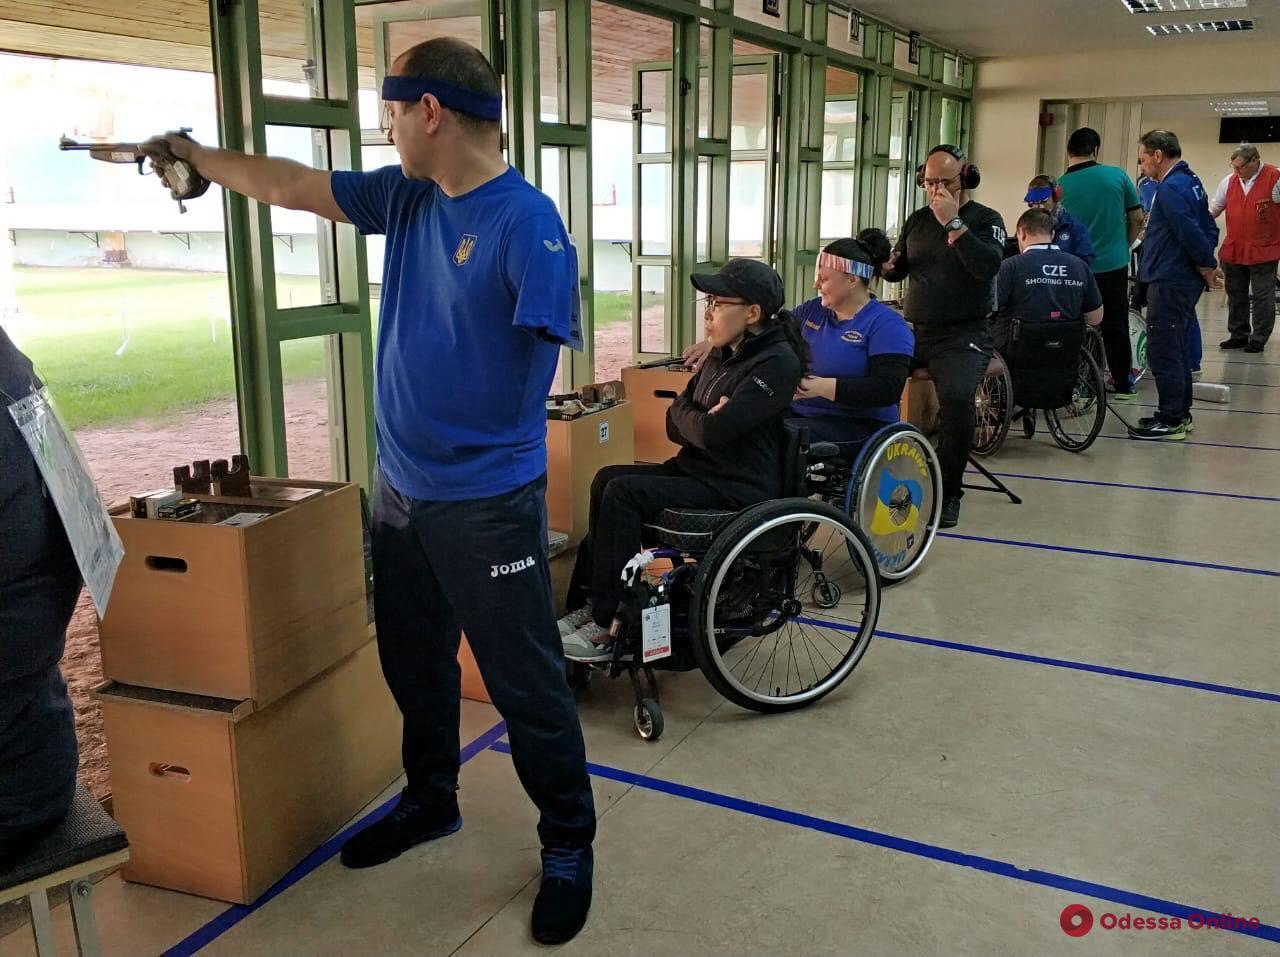 Одесские паралимпийцы завоевали «урожай» медалей Кубка мира по пулевой стрельбе